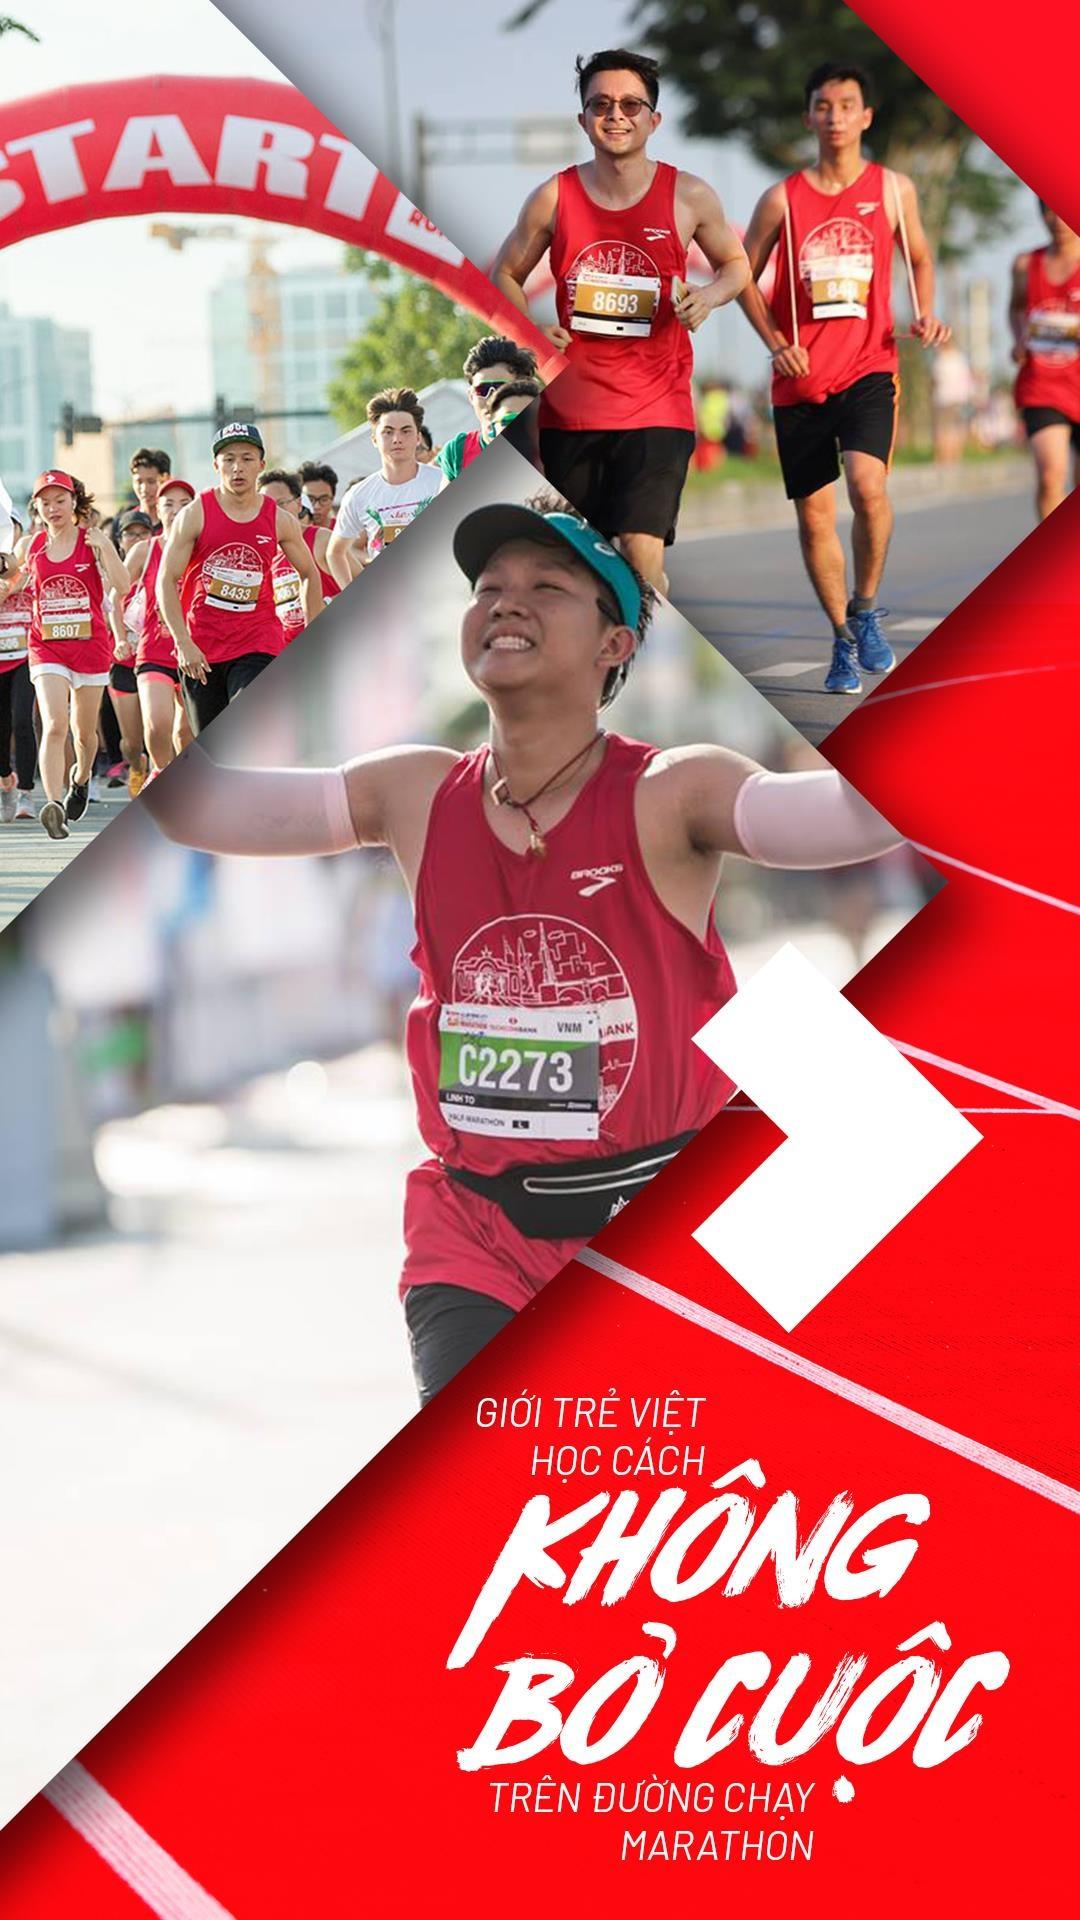 Người Việt trẻ học cách không bỏ cuộc trên đường chạy marathon